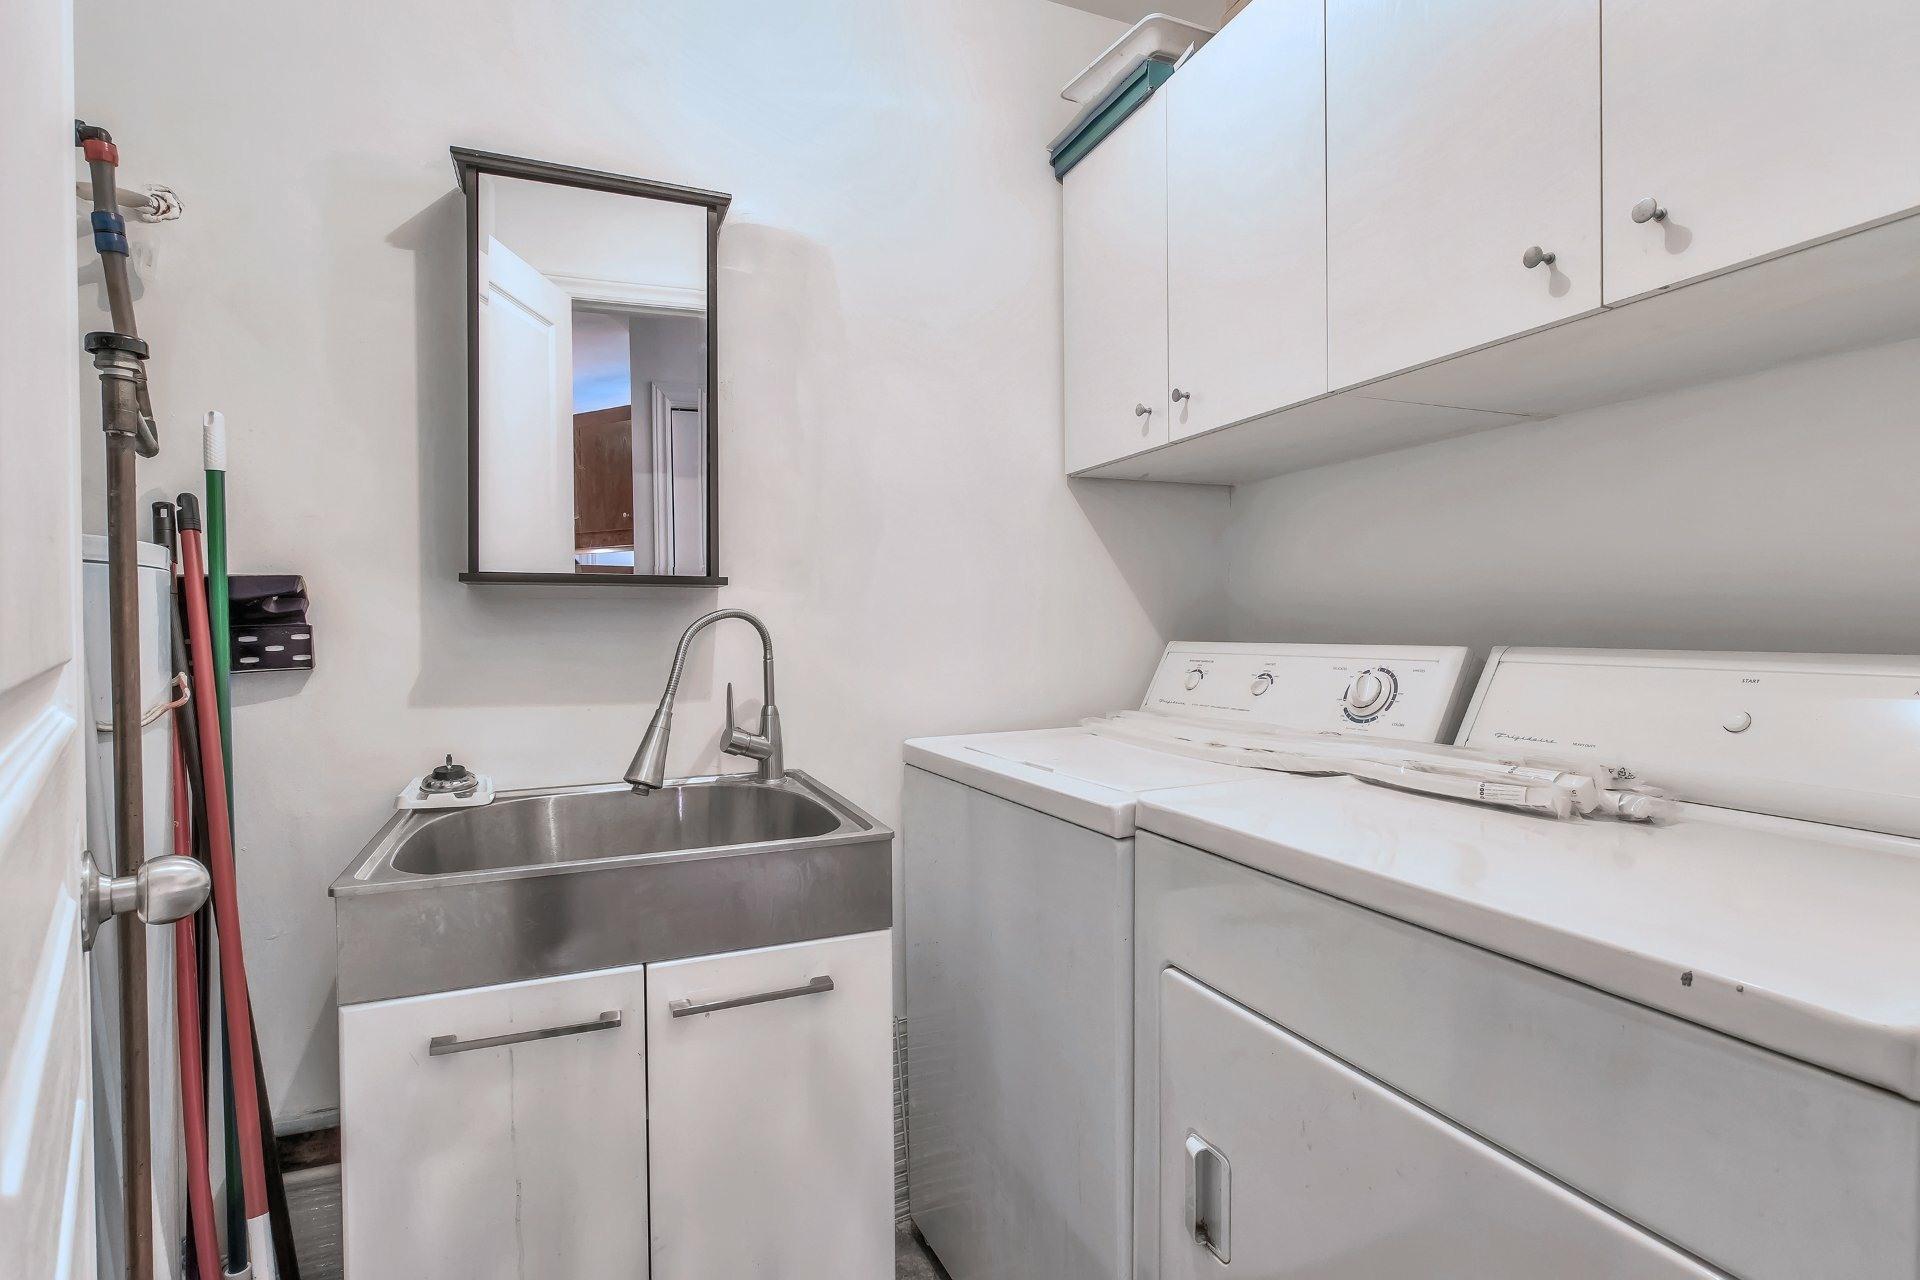 image 16 - Departamento En venta Côte-des-Neiges/Notre-Dame-de-Grâce Montréal  - 6 habitaciones